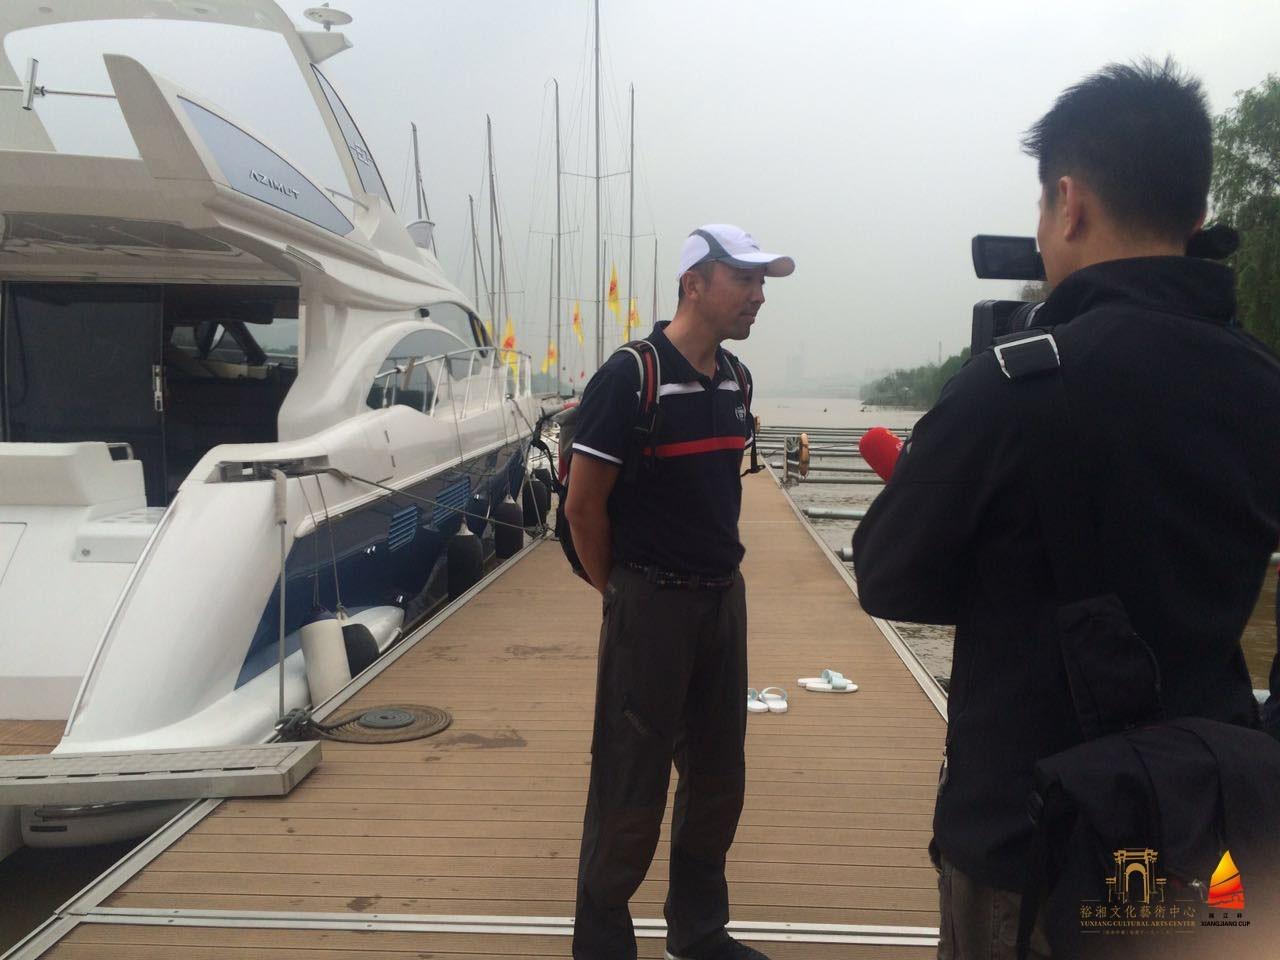 第二届湘江杯国际帆船赛丨今日迎接各国参赛运动员报到 982d1756bdff0de5dcaec3b98b6440b7.jpg